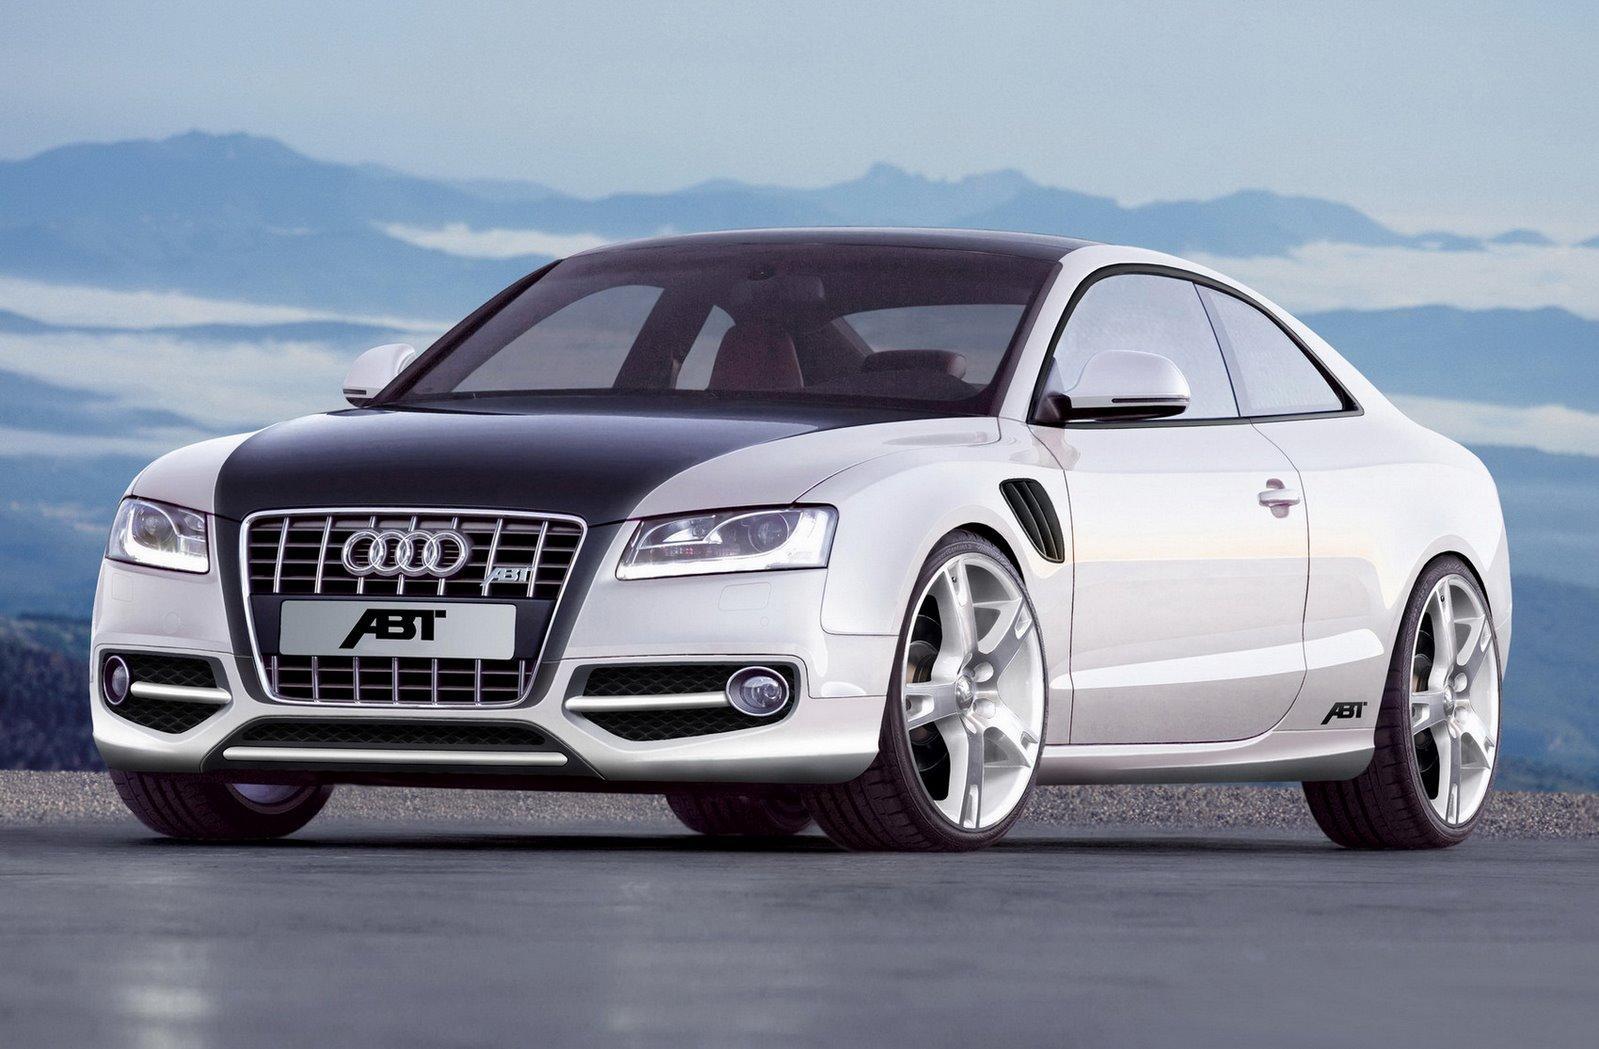 http://3.bp.blogspot.com/_Iq1fkO6qus0/TSDvuj-L4sI/AAAAAAAAAe8/Vc5hKePQg1c/s1600/Audi-A5-Wallpapers_0201201104.jpg